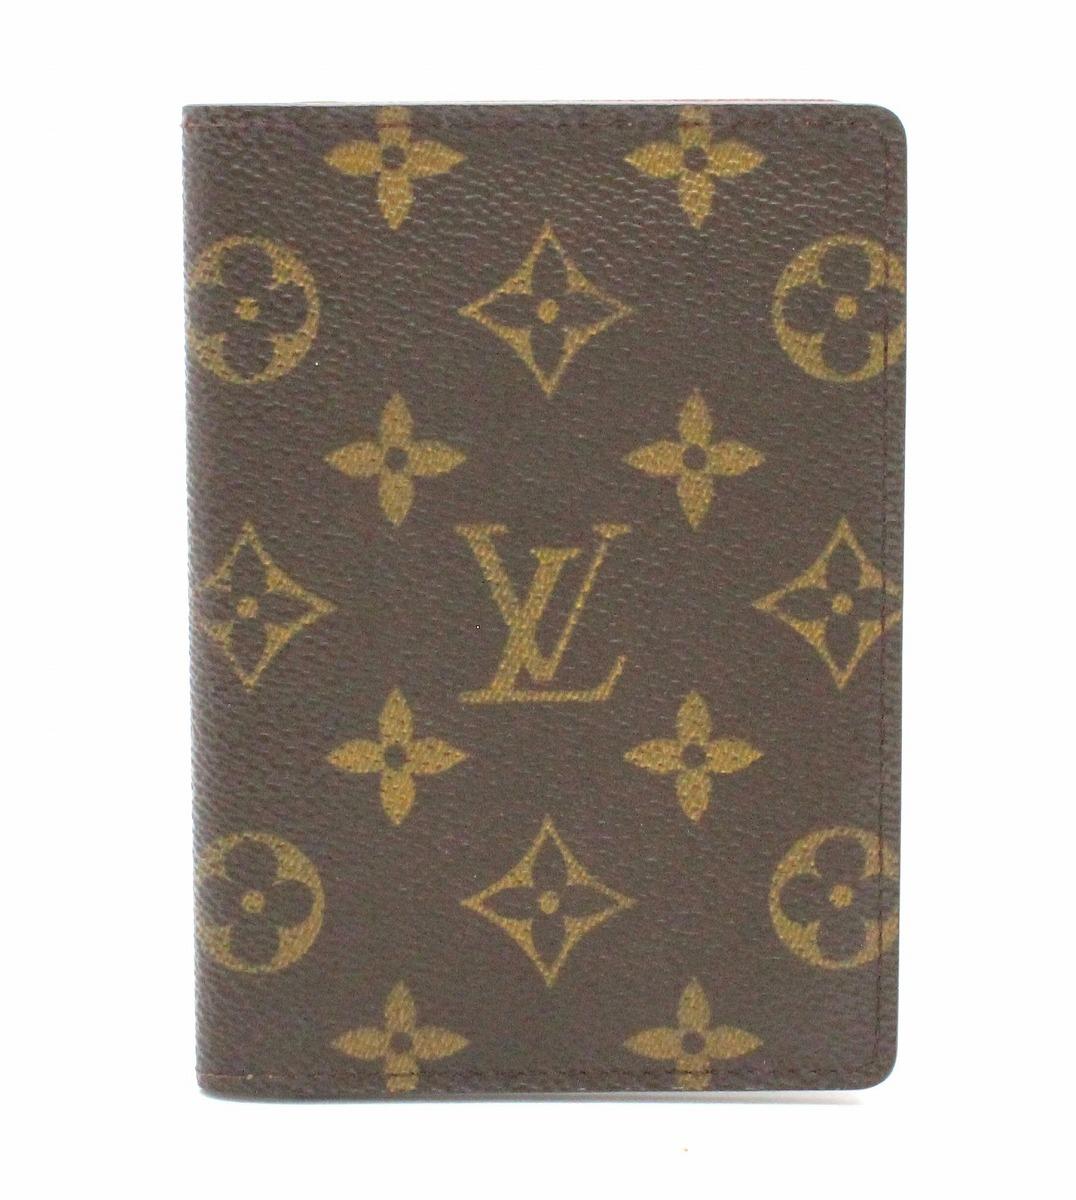 【財布】LOUIS VUITTON ルイ ヴィトン モノグラム パスポートカバー パスポートケース M60179 【中古】【k】